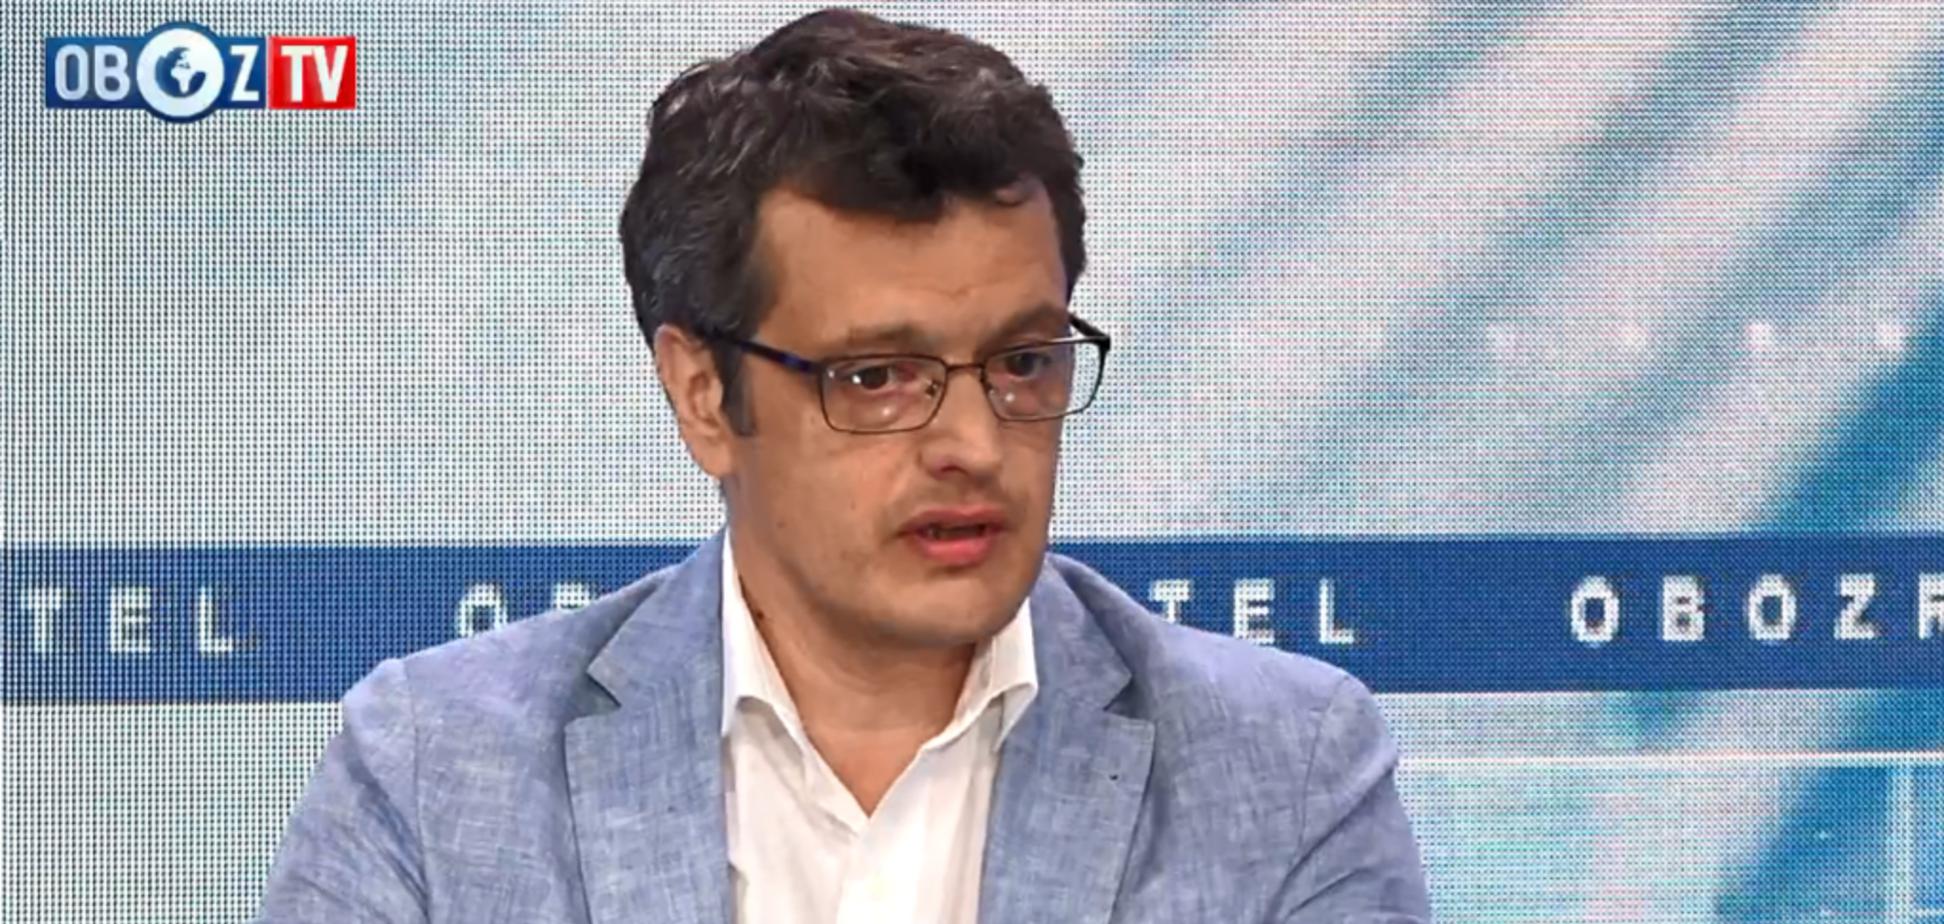 Пенсії для ''ДНР'' і ''ЛНР'': економіст розповів, скільки заборгувала Україна